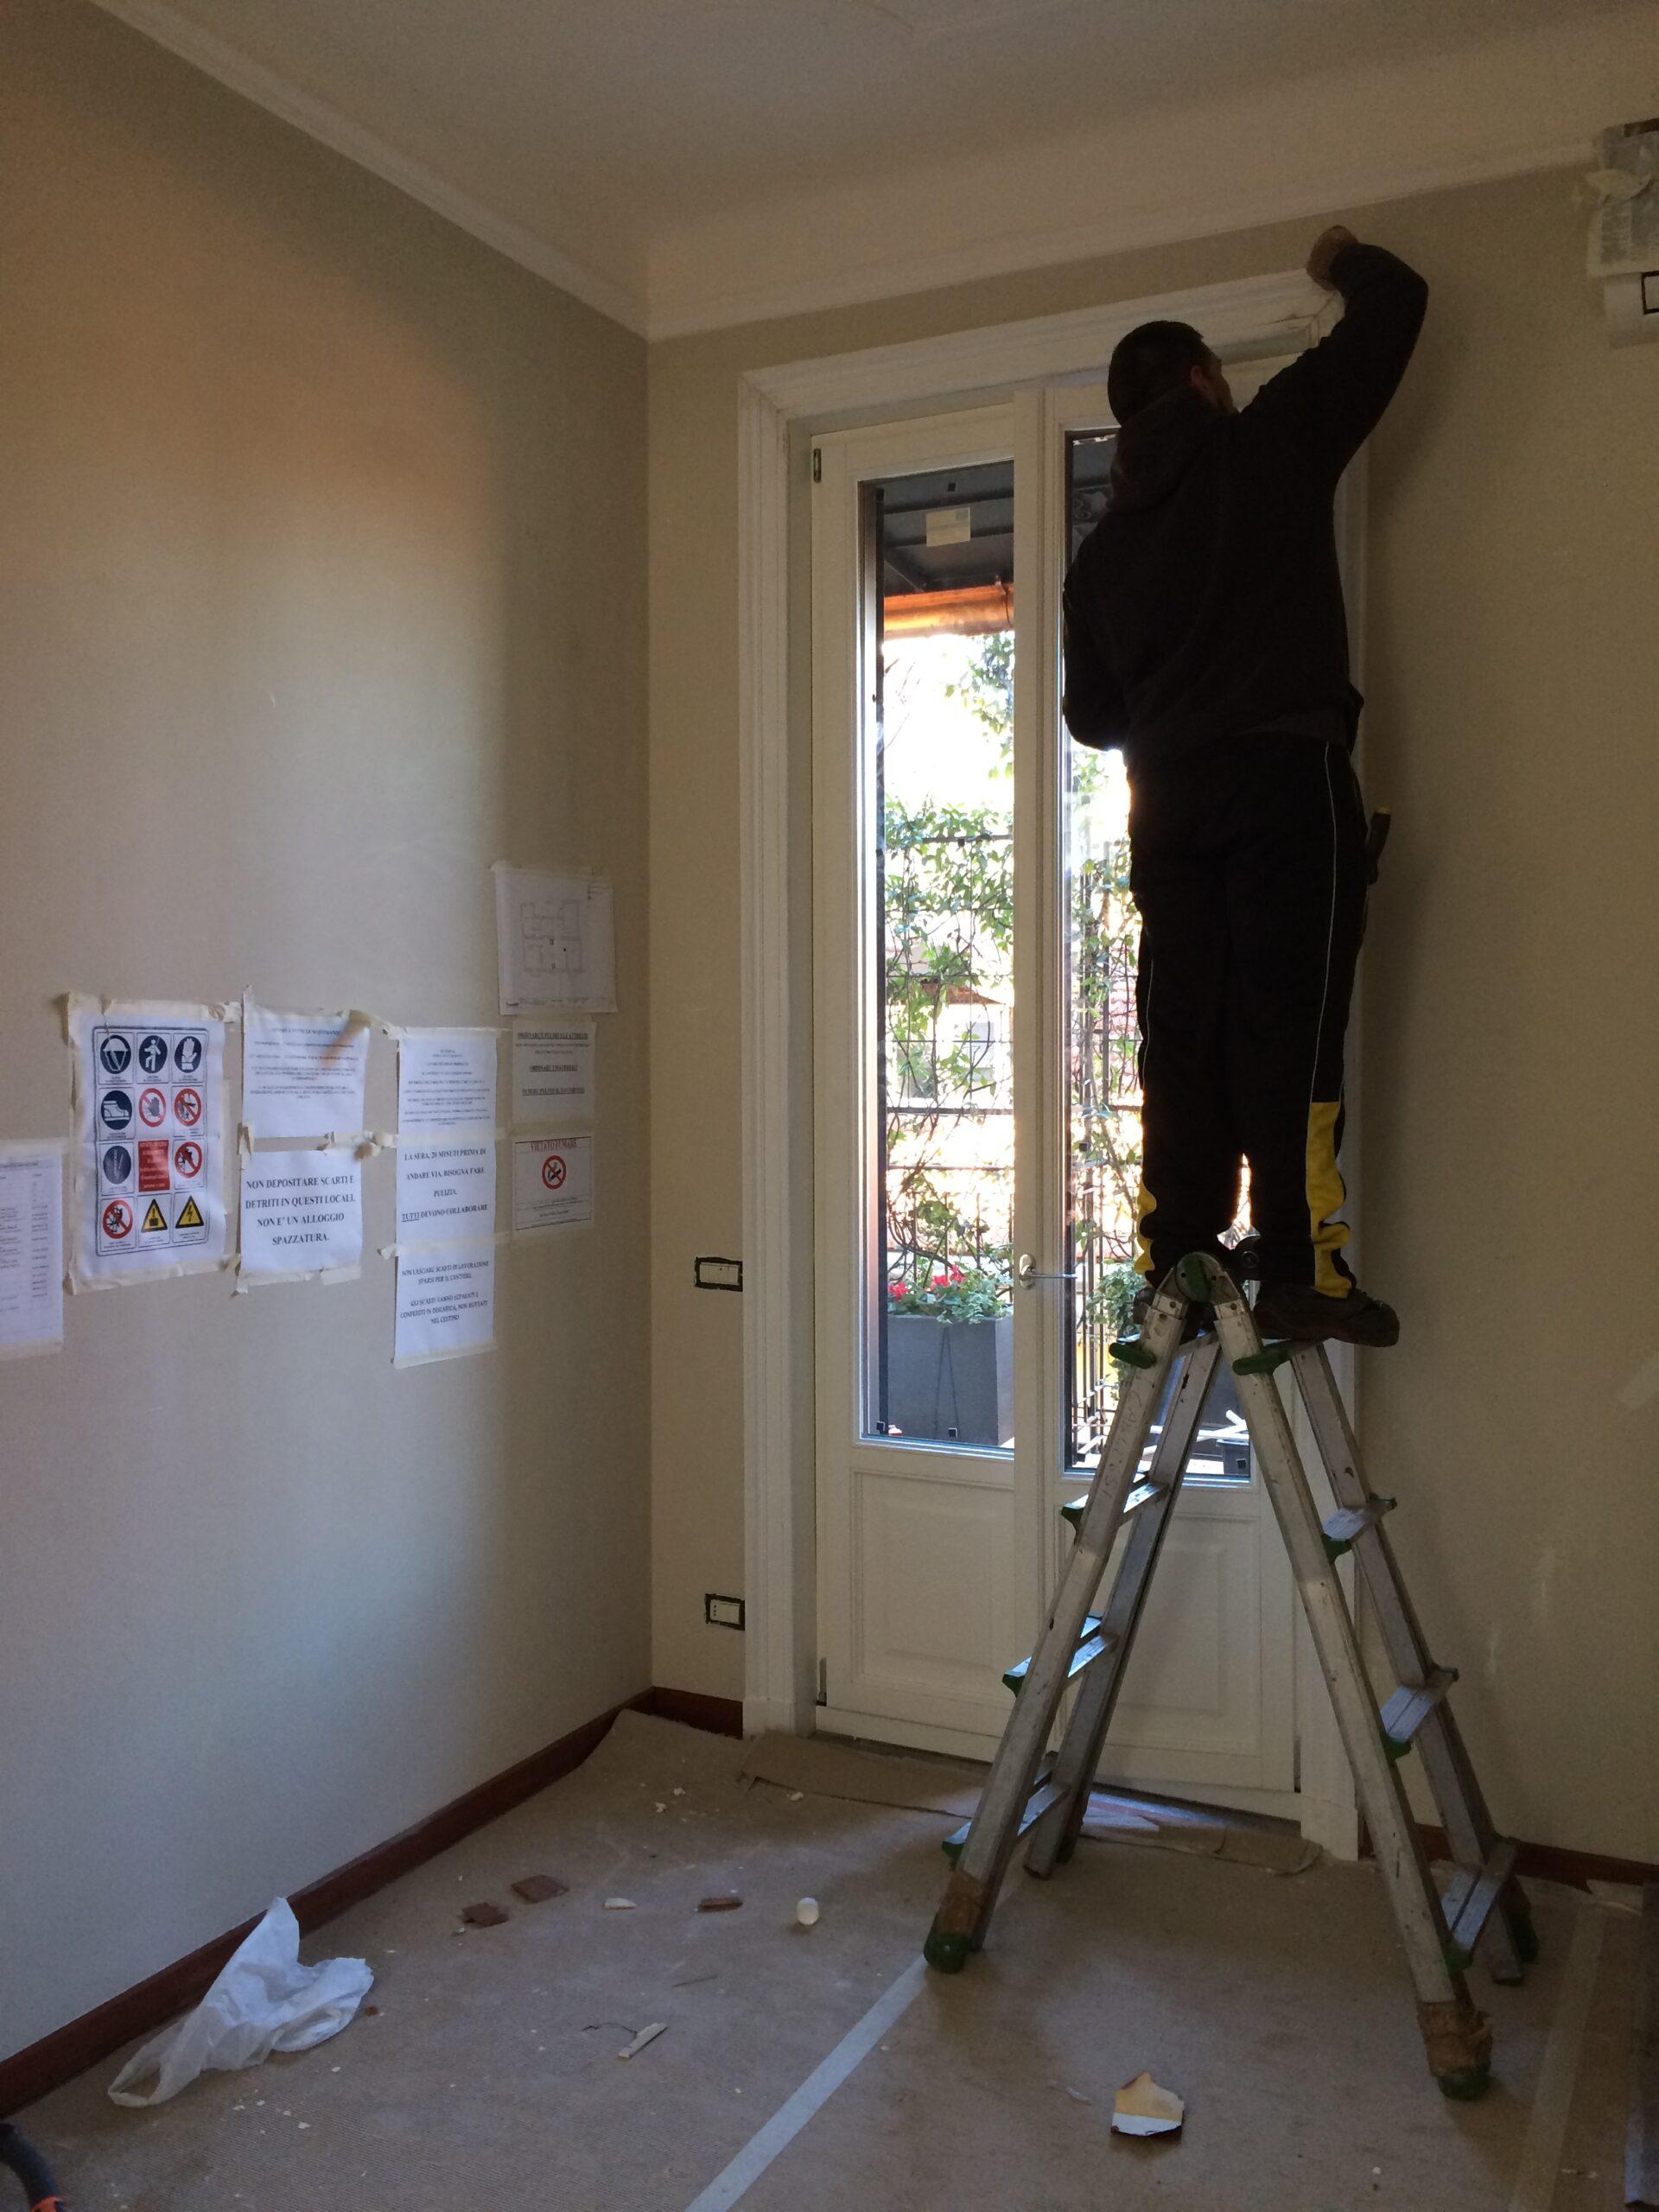 4. Rimozione della protezione adesiva dallo stipite porta a lavori di tinteggiatura ultimati: lavori in corso.